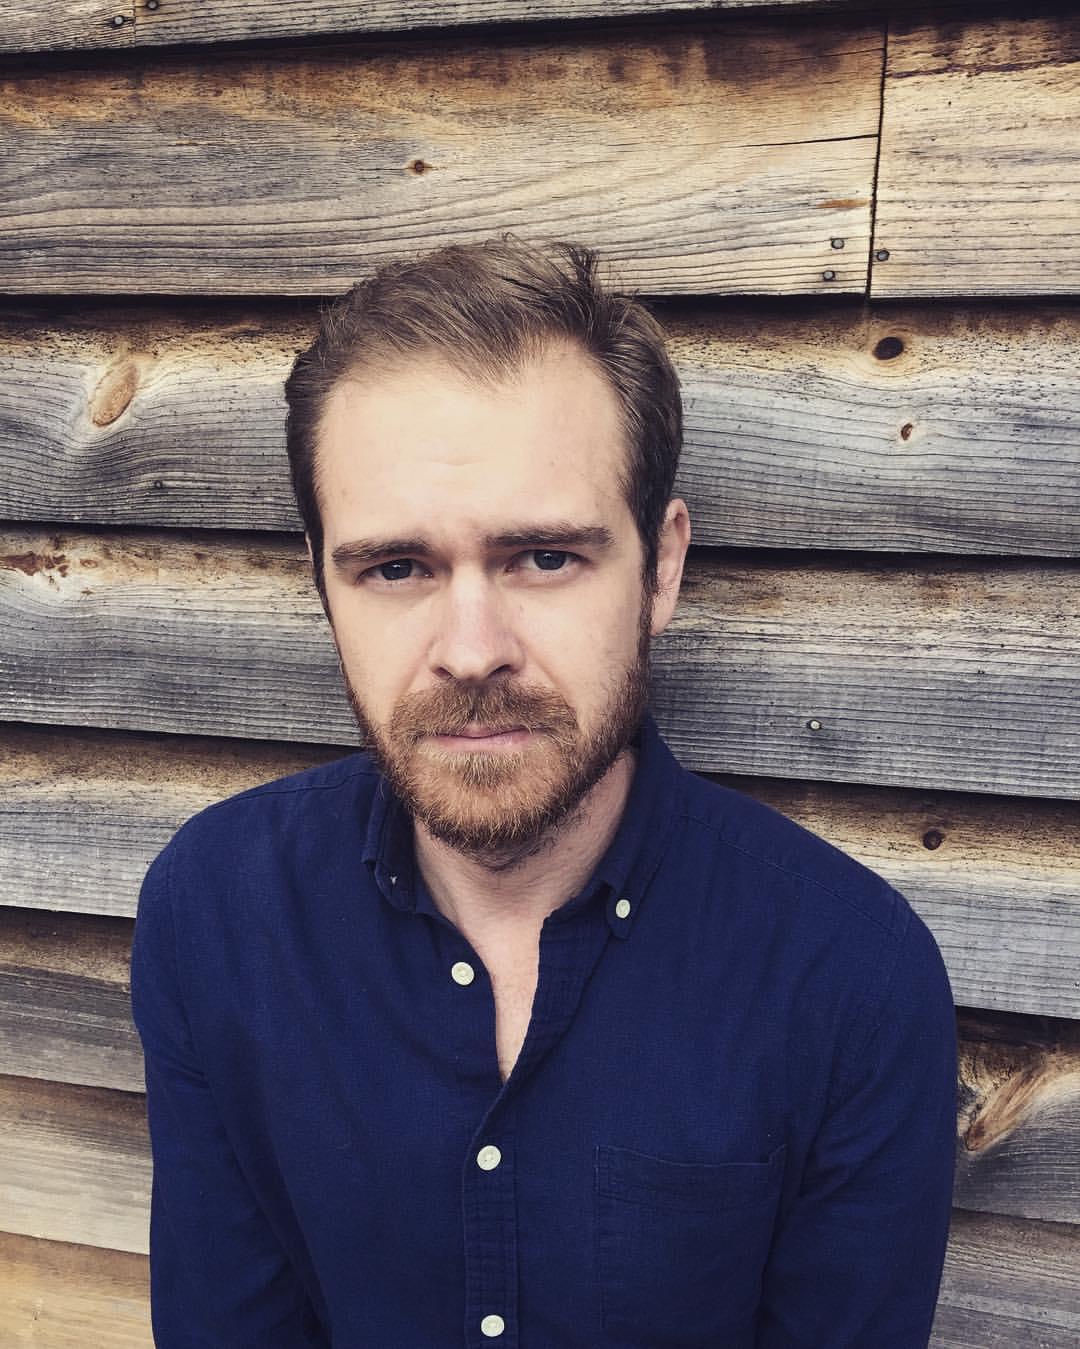 Nathan Poole